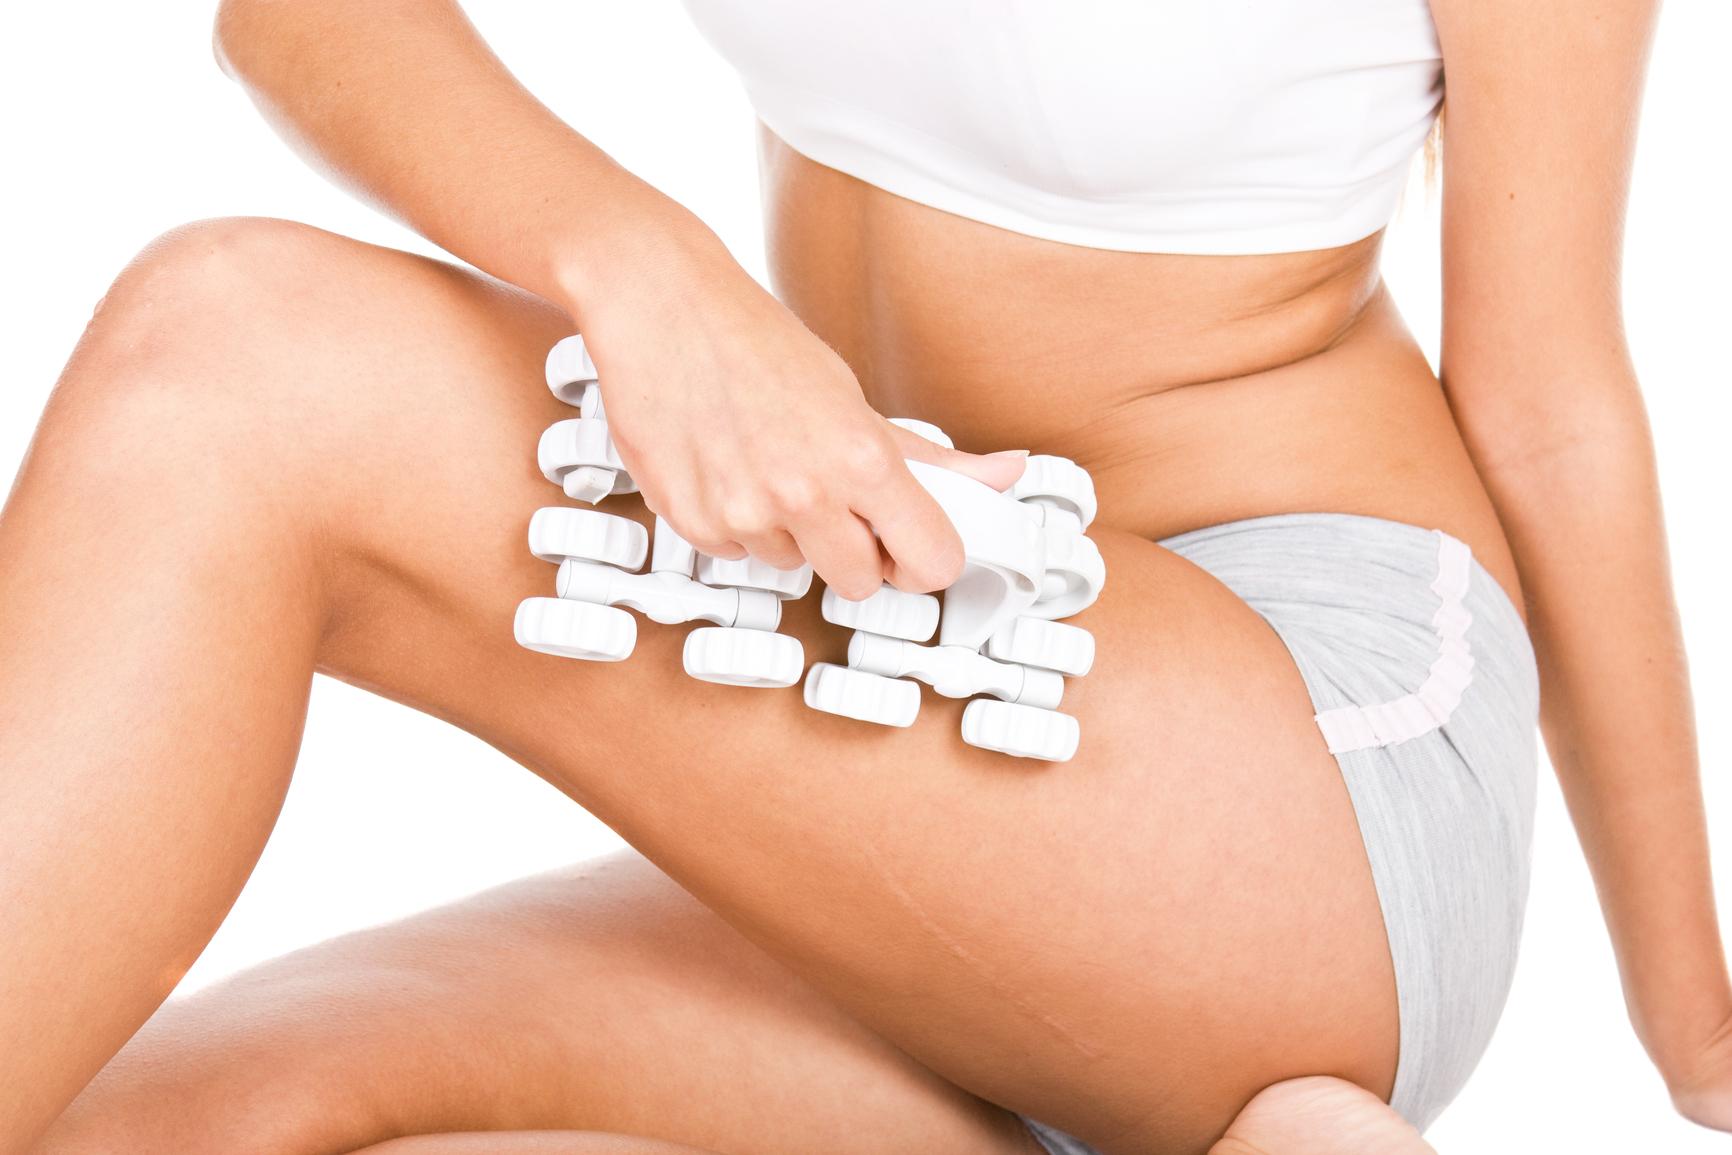 Антицеллюлитный массаж в домашних условиях: основные правила и методы